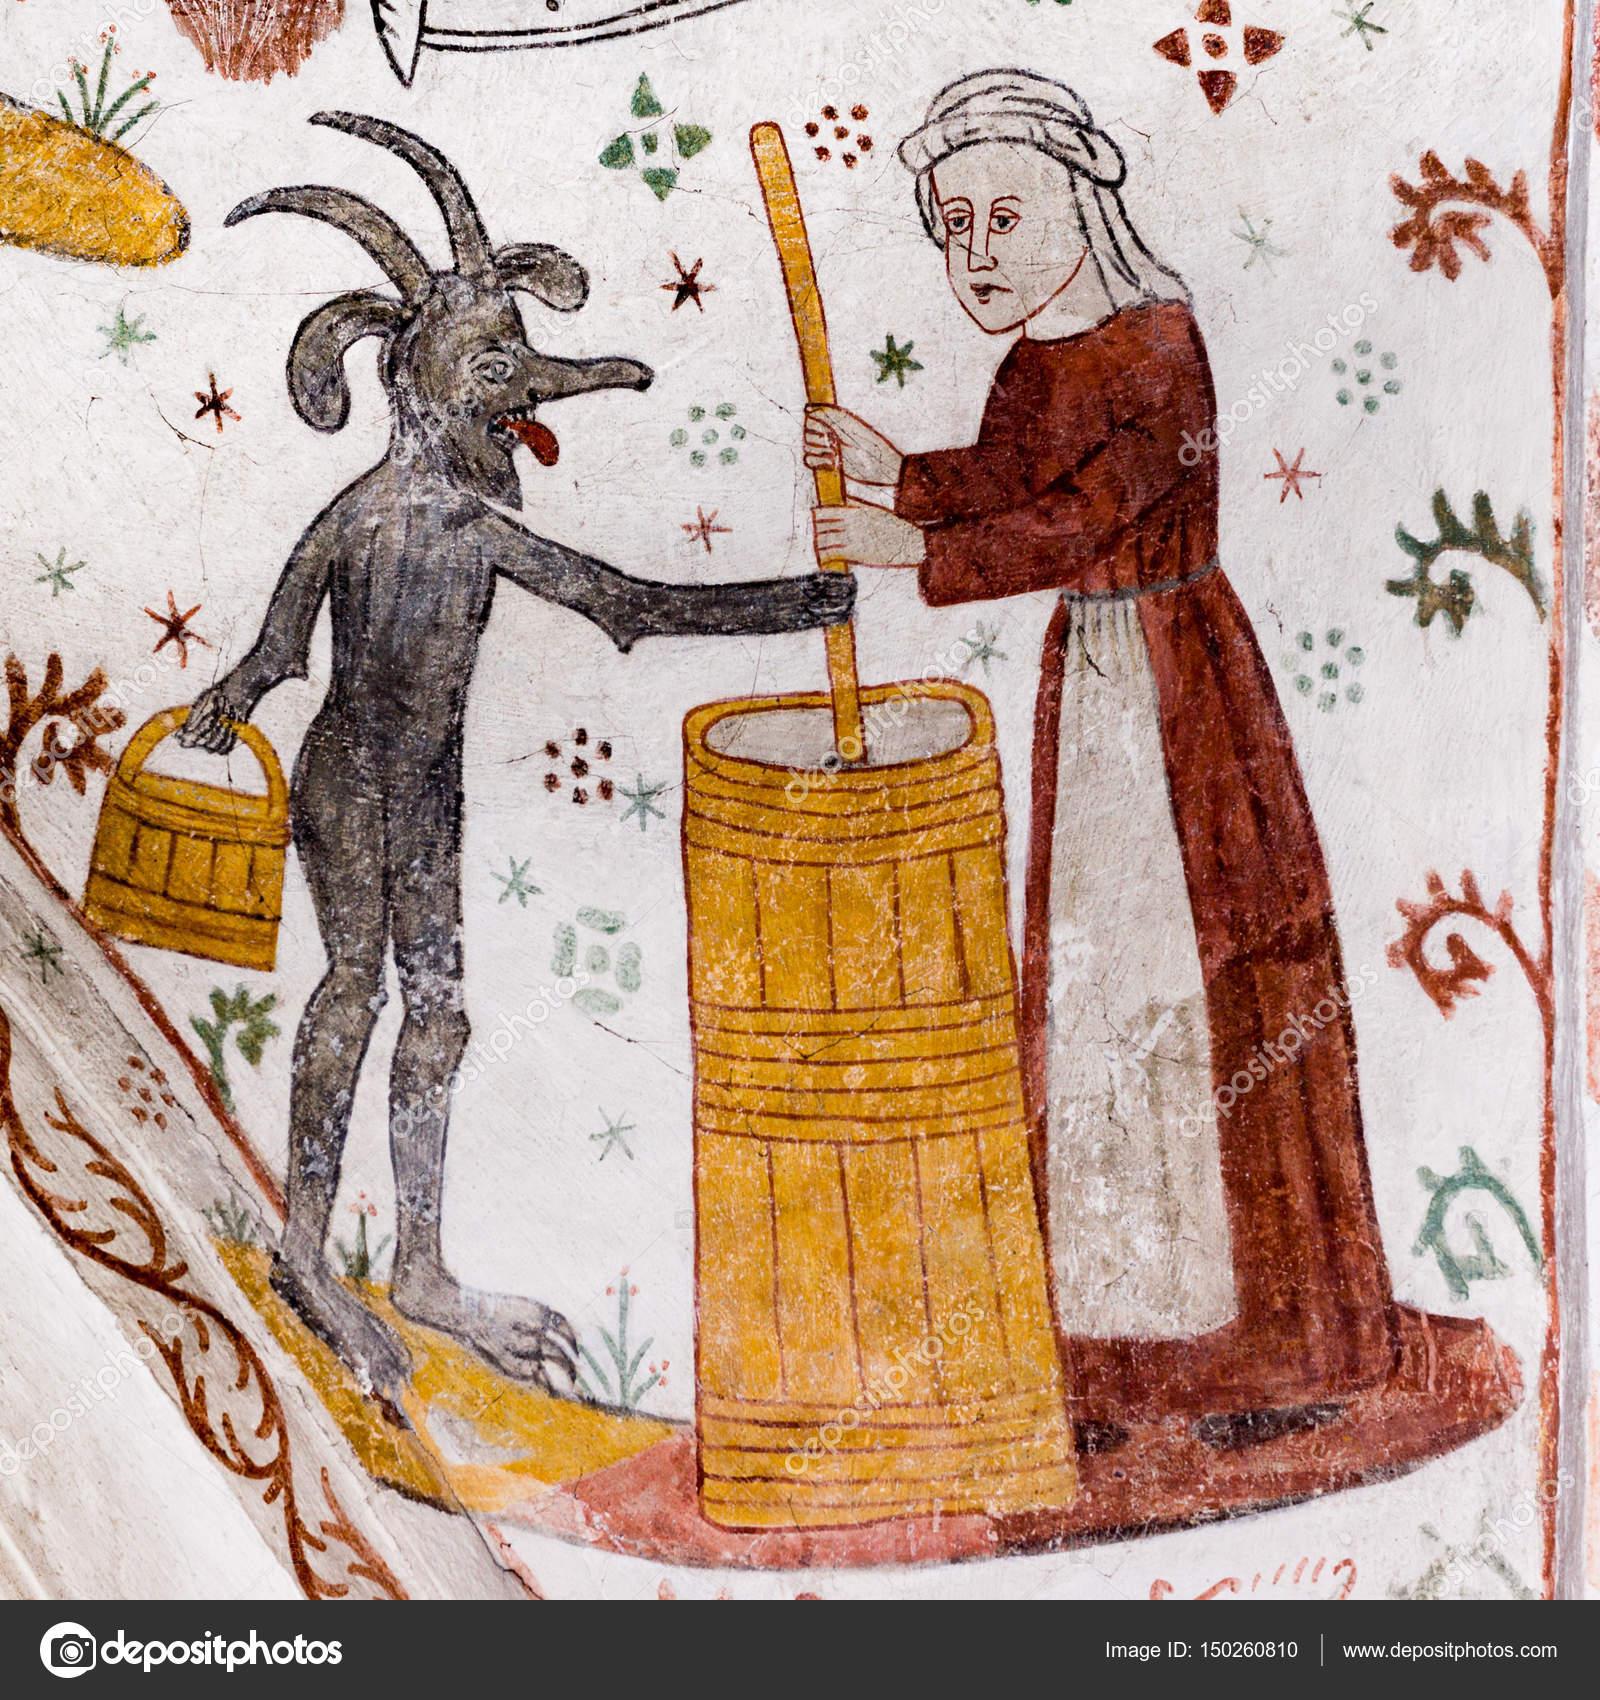 depositphotos_150260810-stockafbeelding-middeleeuwse-fresco-van-een-vrouw.jpg